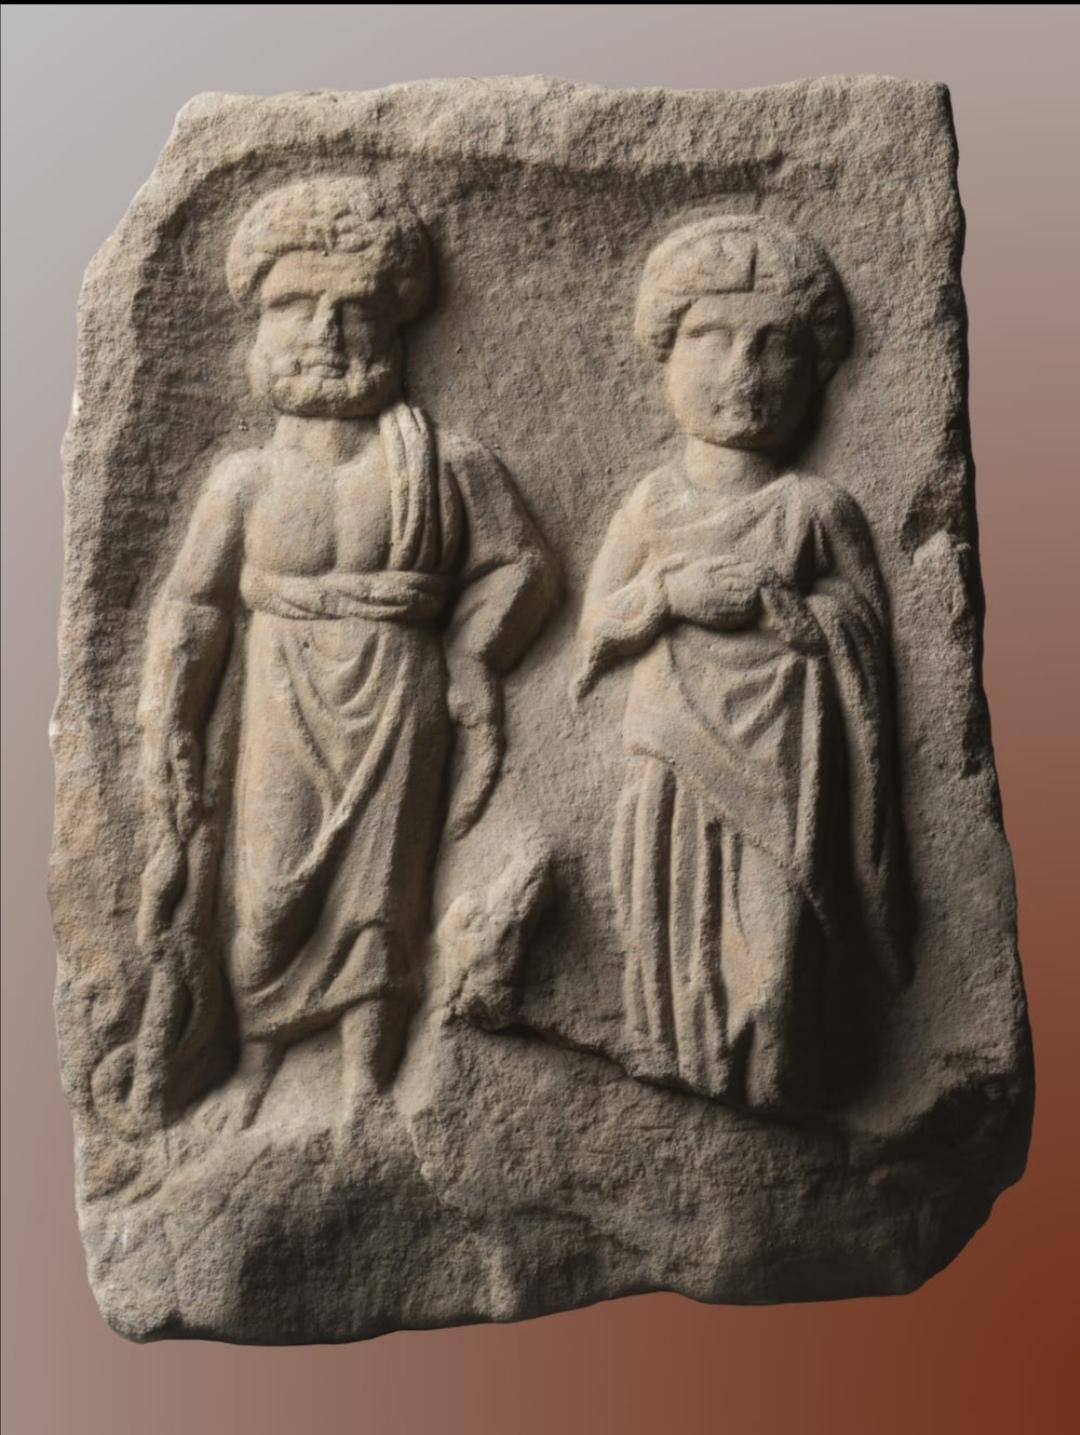 Вотивен релјеф со претстава на богот Асклепиј и божицата Хигија